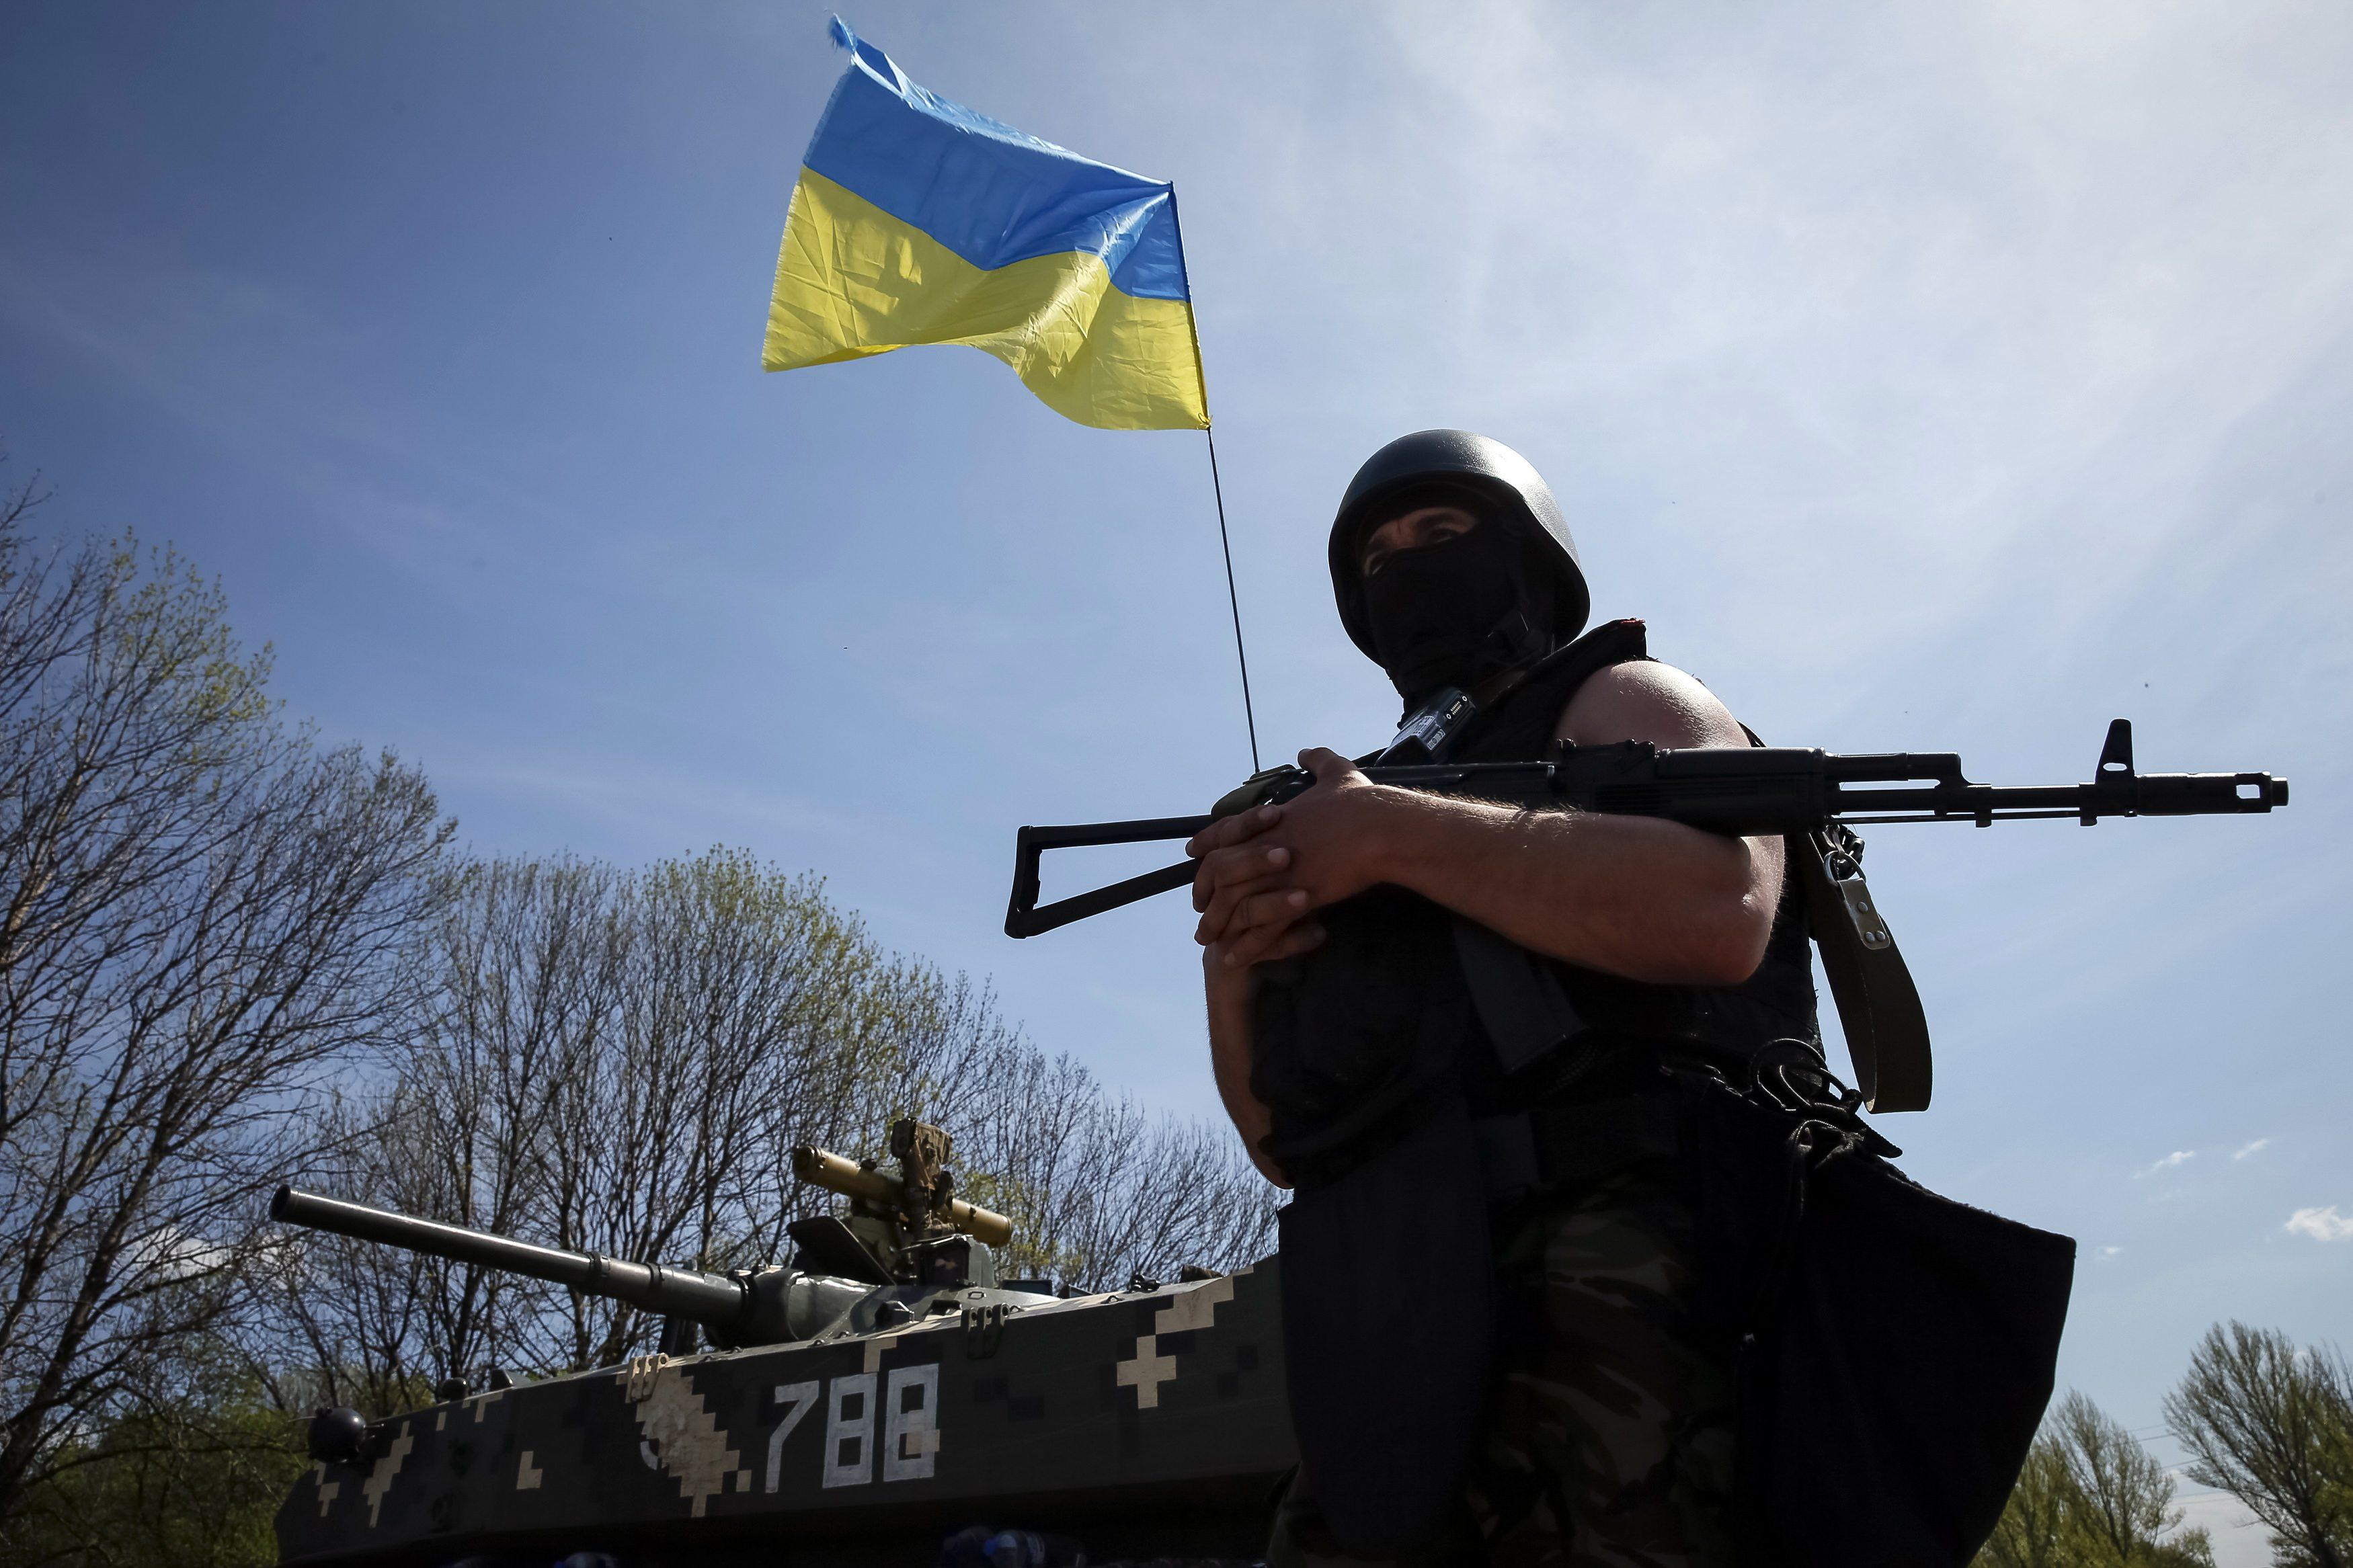 для популярные фото украинских военных сами выбираете фотографии